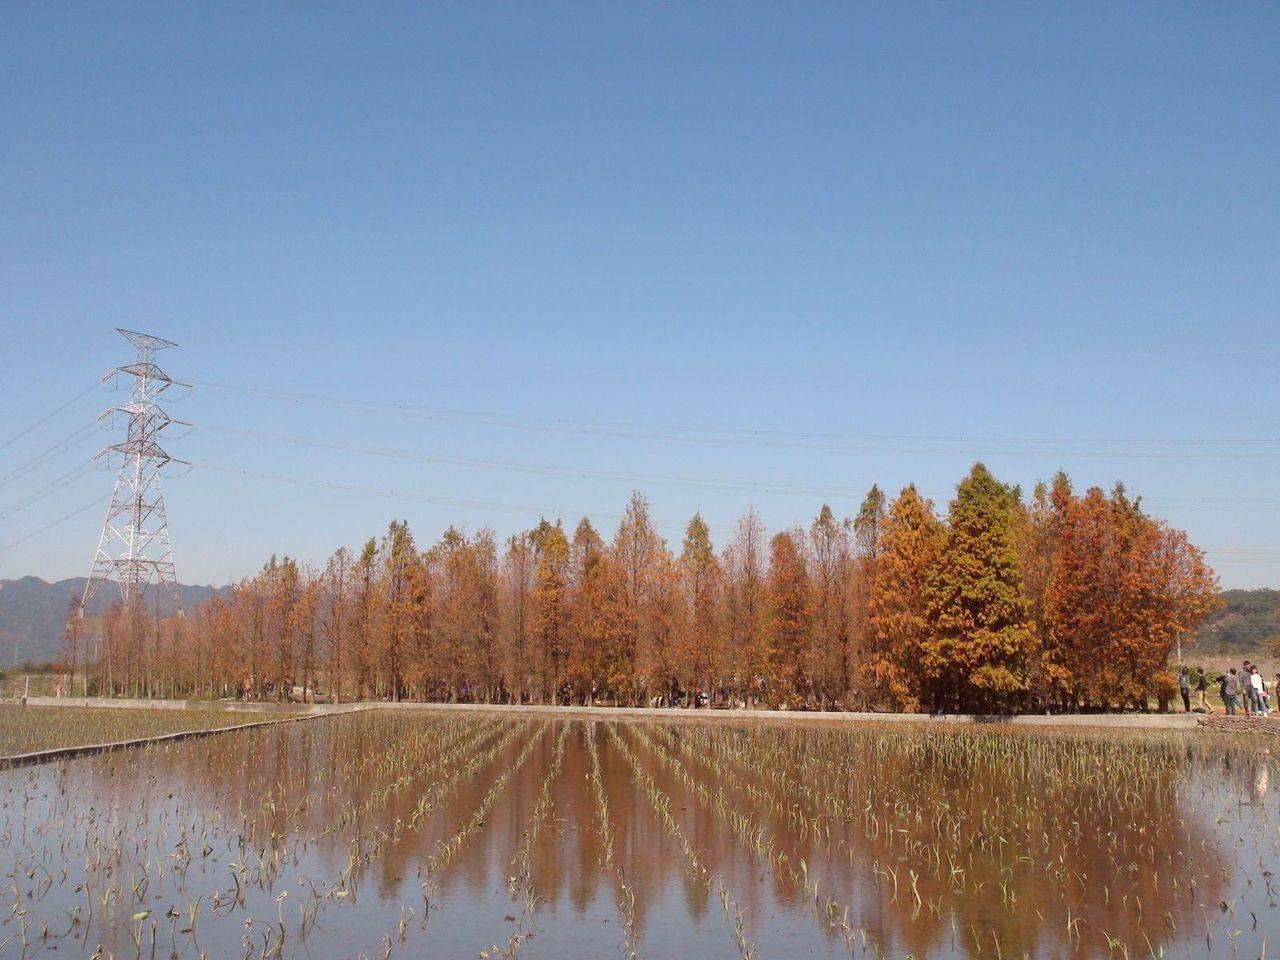 台中后里區泰安國小旁有成排落羽松,橘紅的落羽松倒映在水中,如詩如畫,彷彿置身在仙...